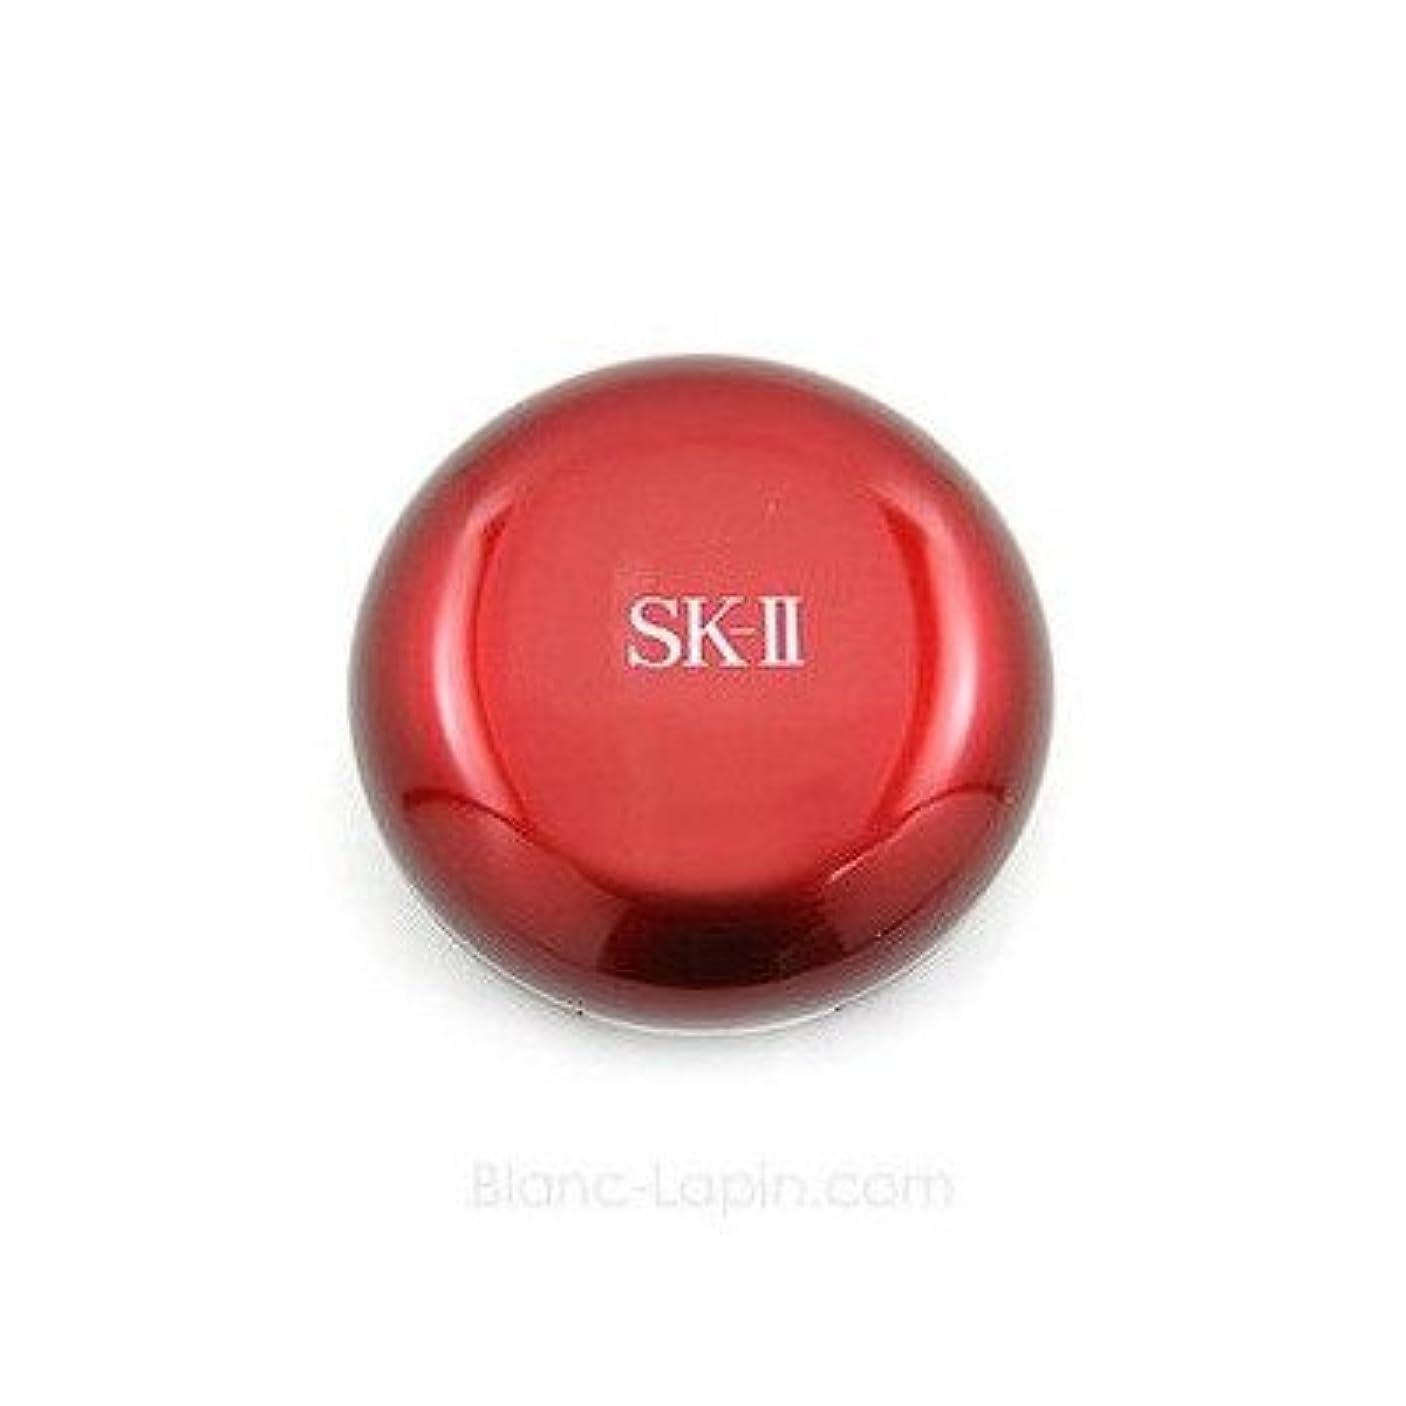 コメントコードレス損失SK-II コンパクトフォアエマルジョン レッド/ケース [037906] [並行輸入品]